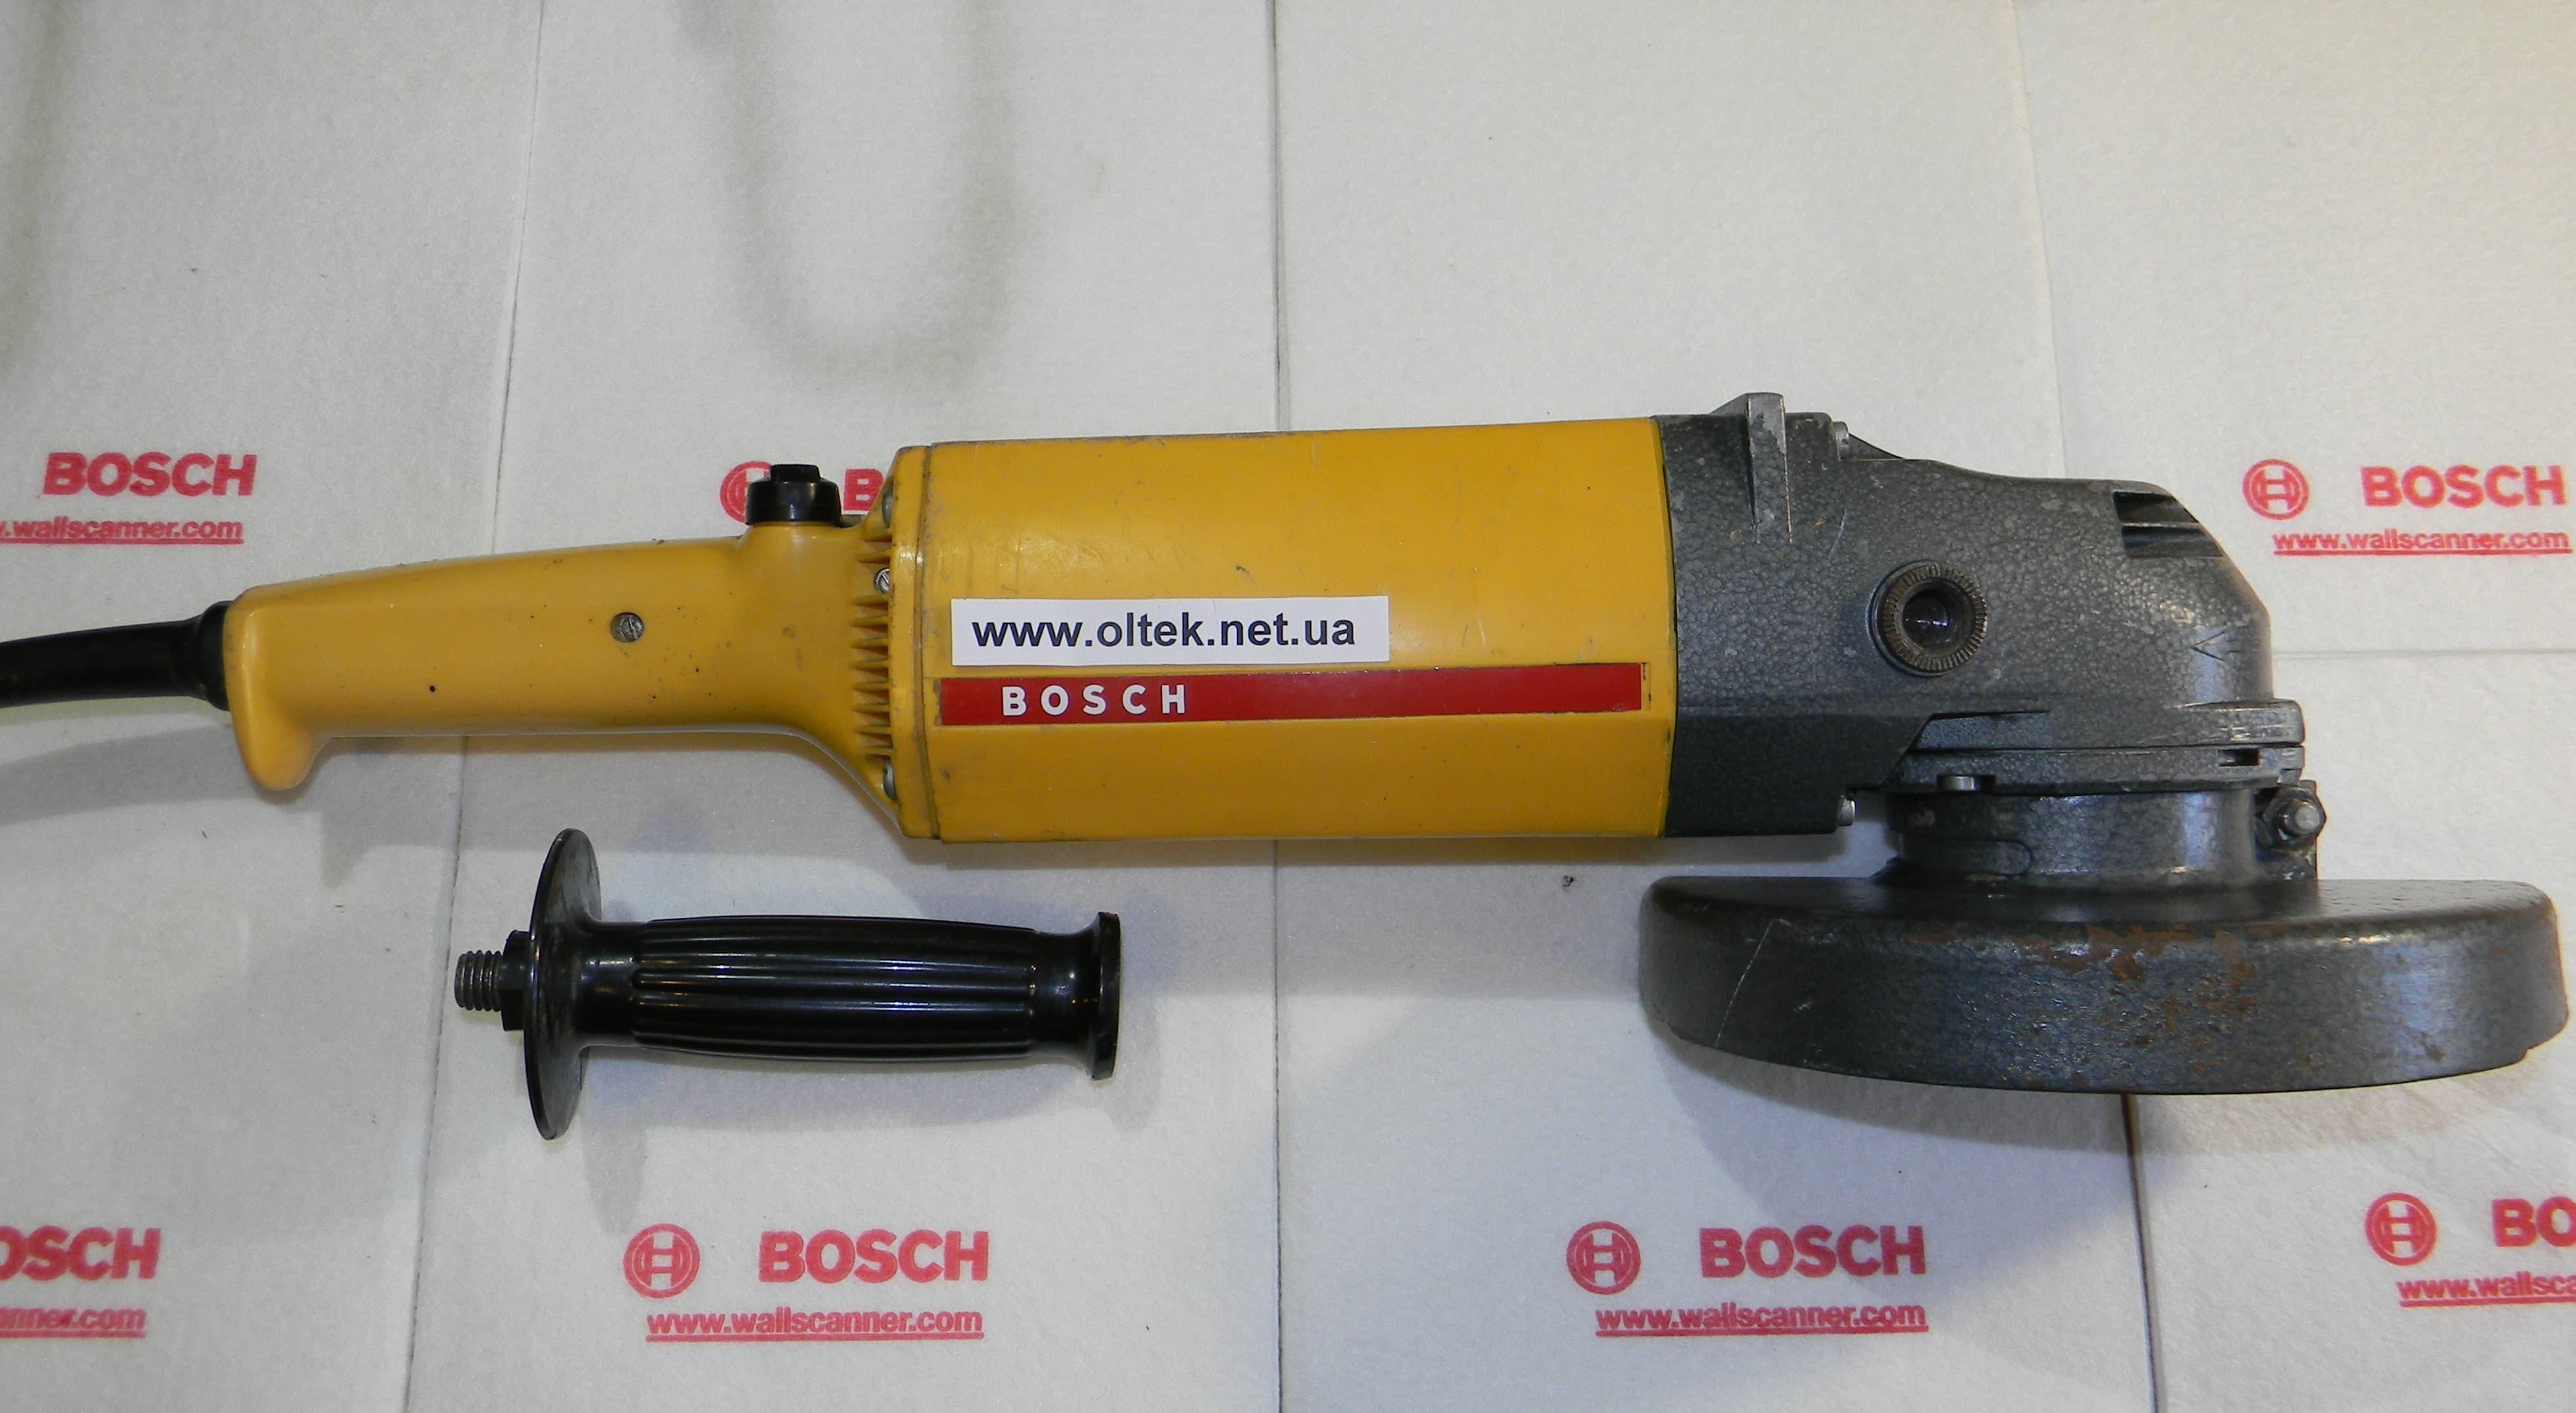 bosch-230